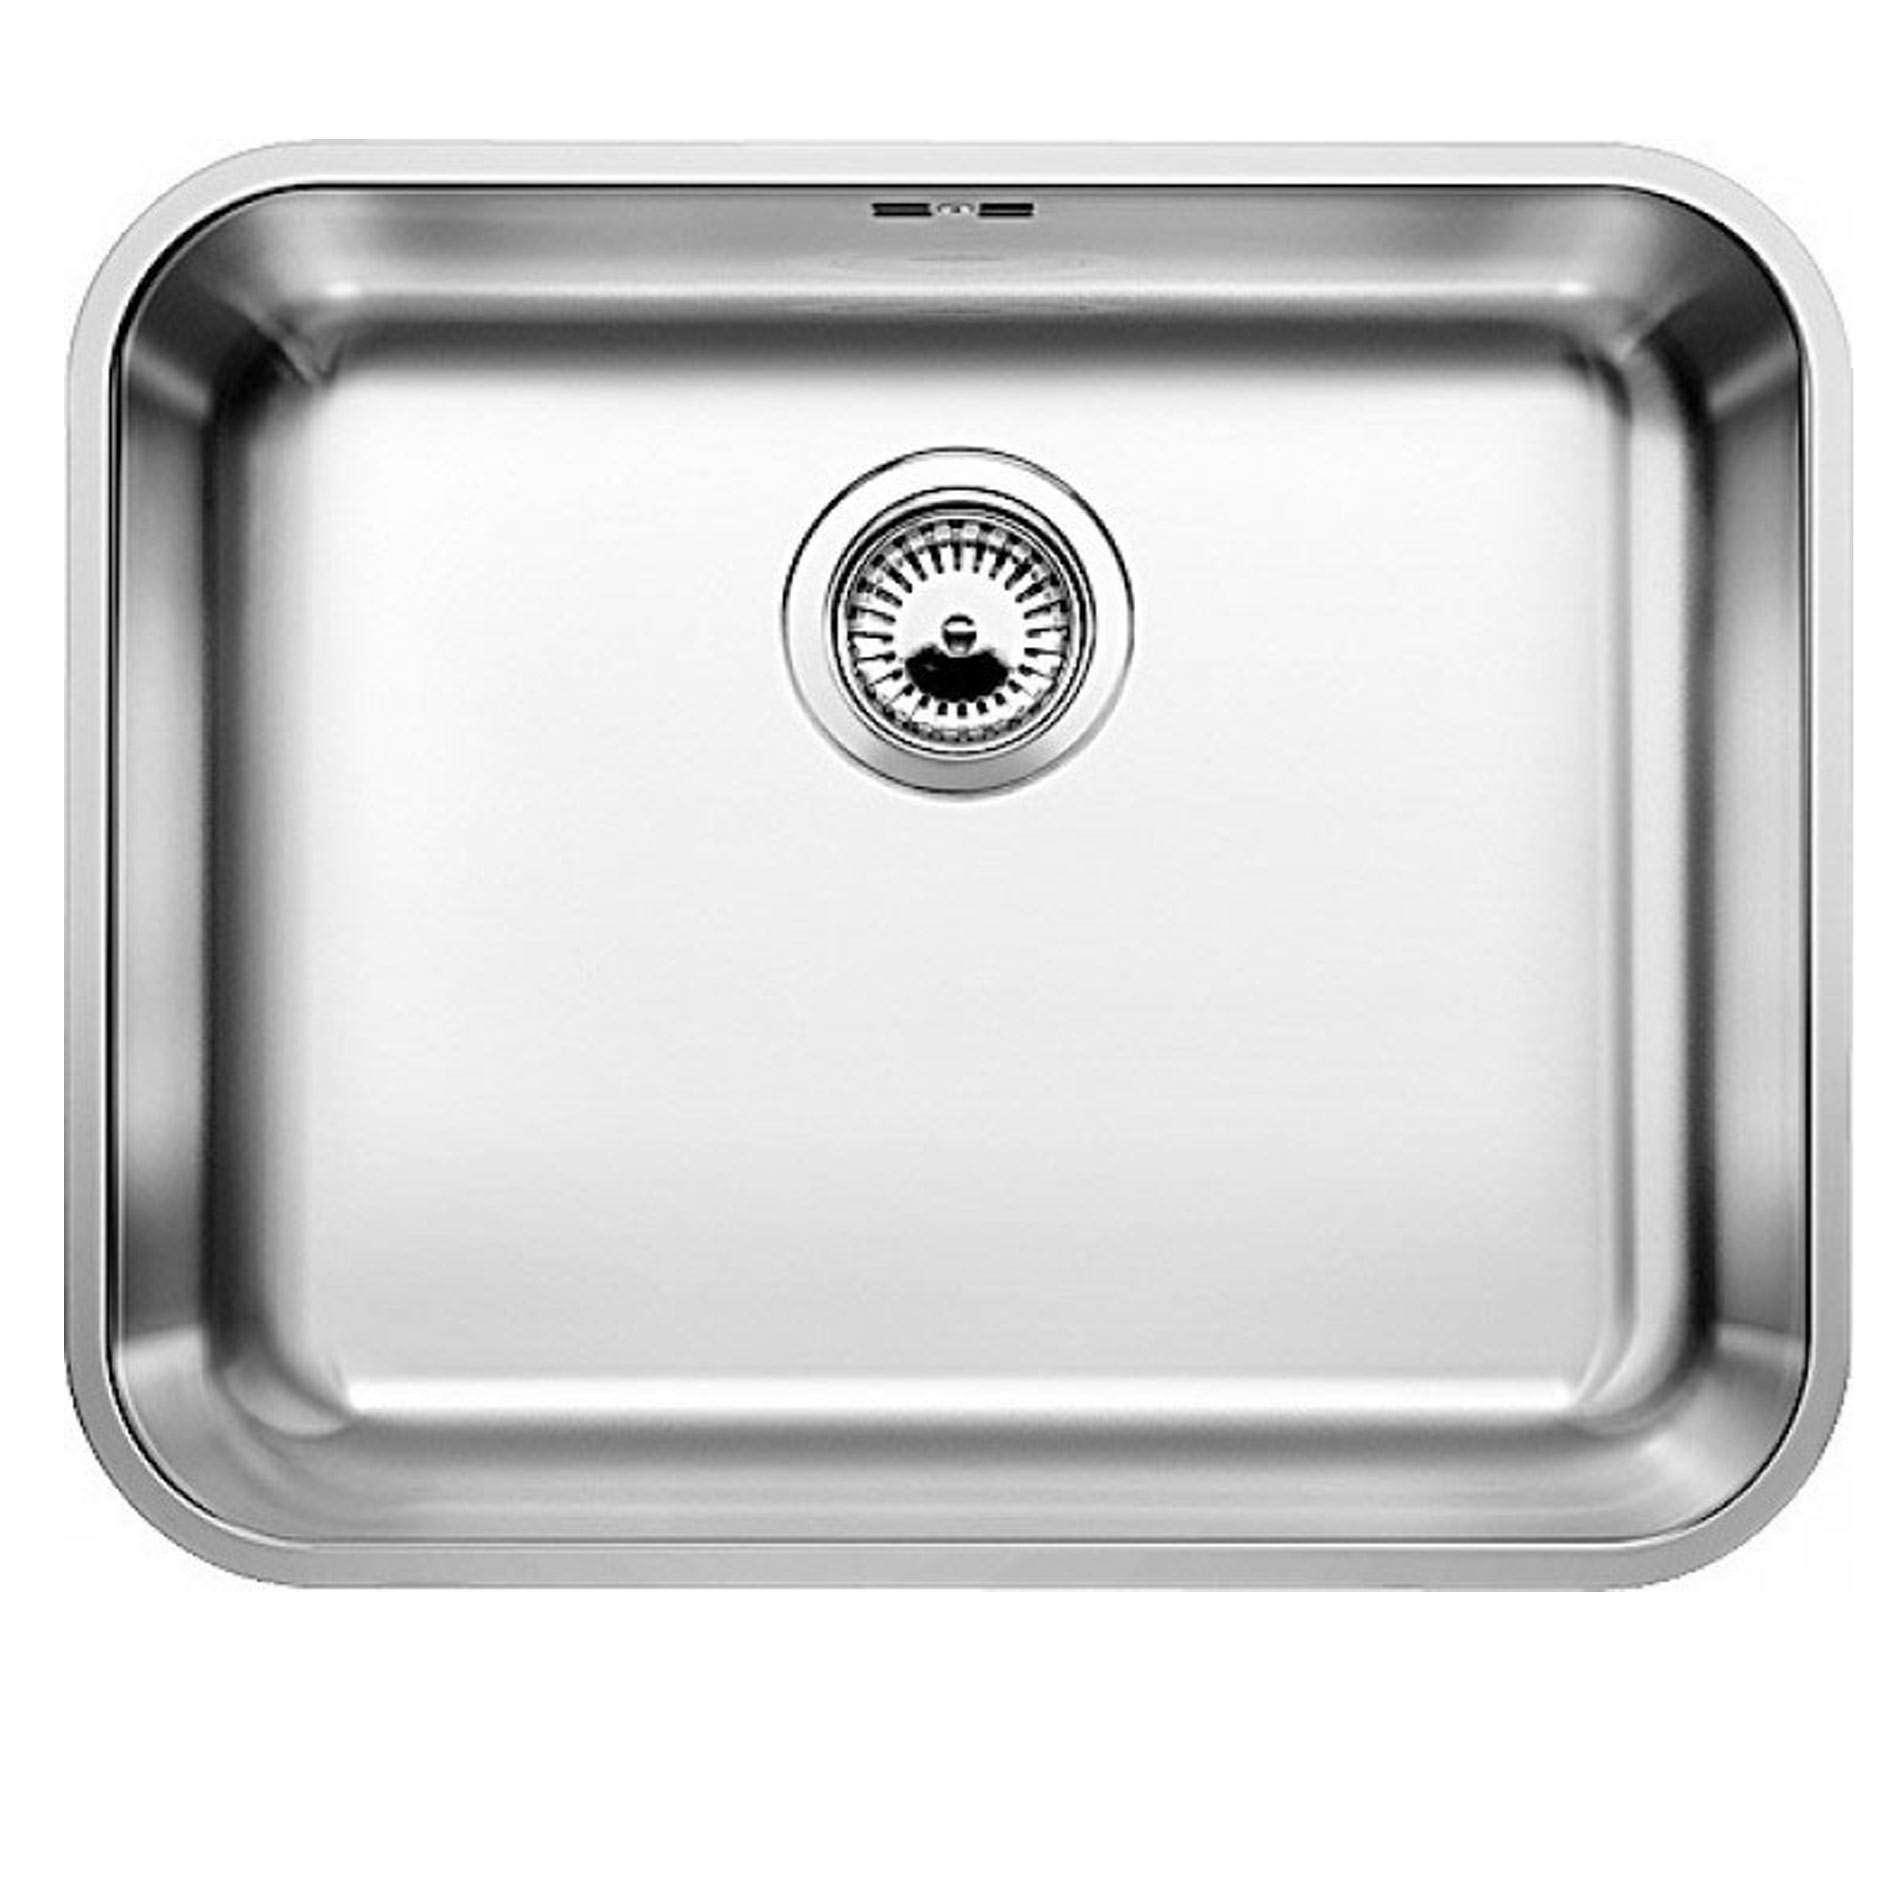 Blanco supra 500 u stainless steel sink kitchen sinks for German kitchen sink brands